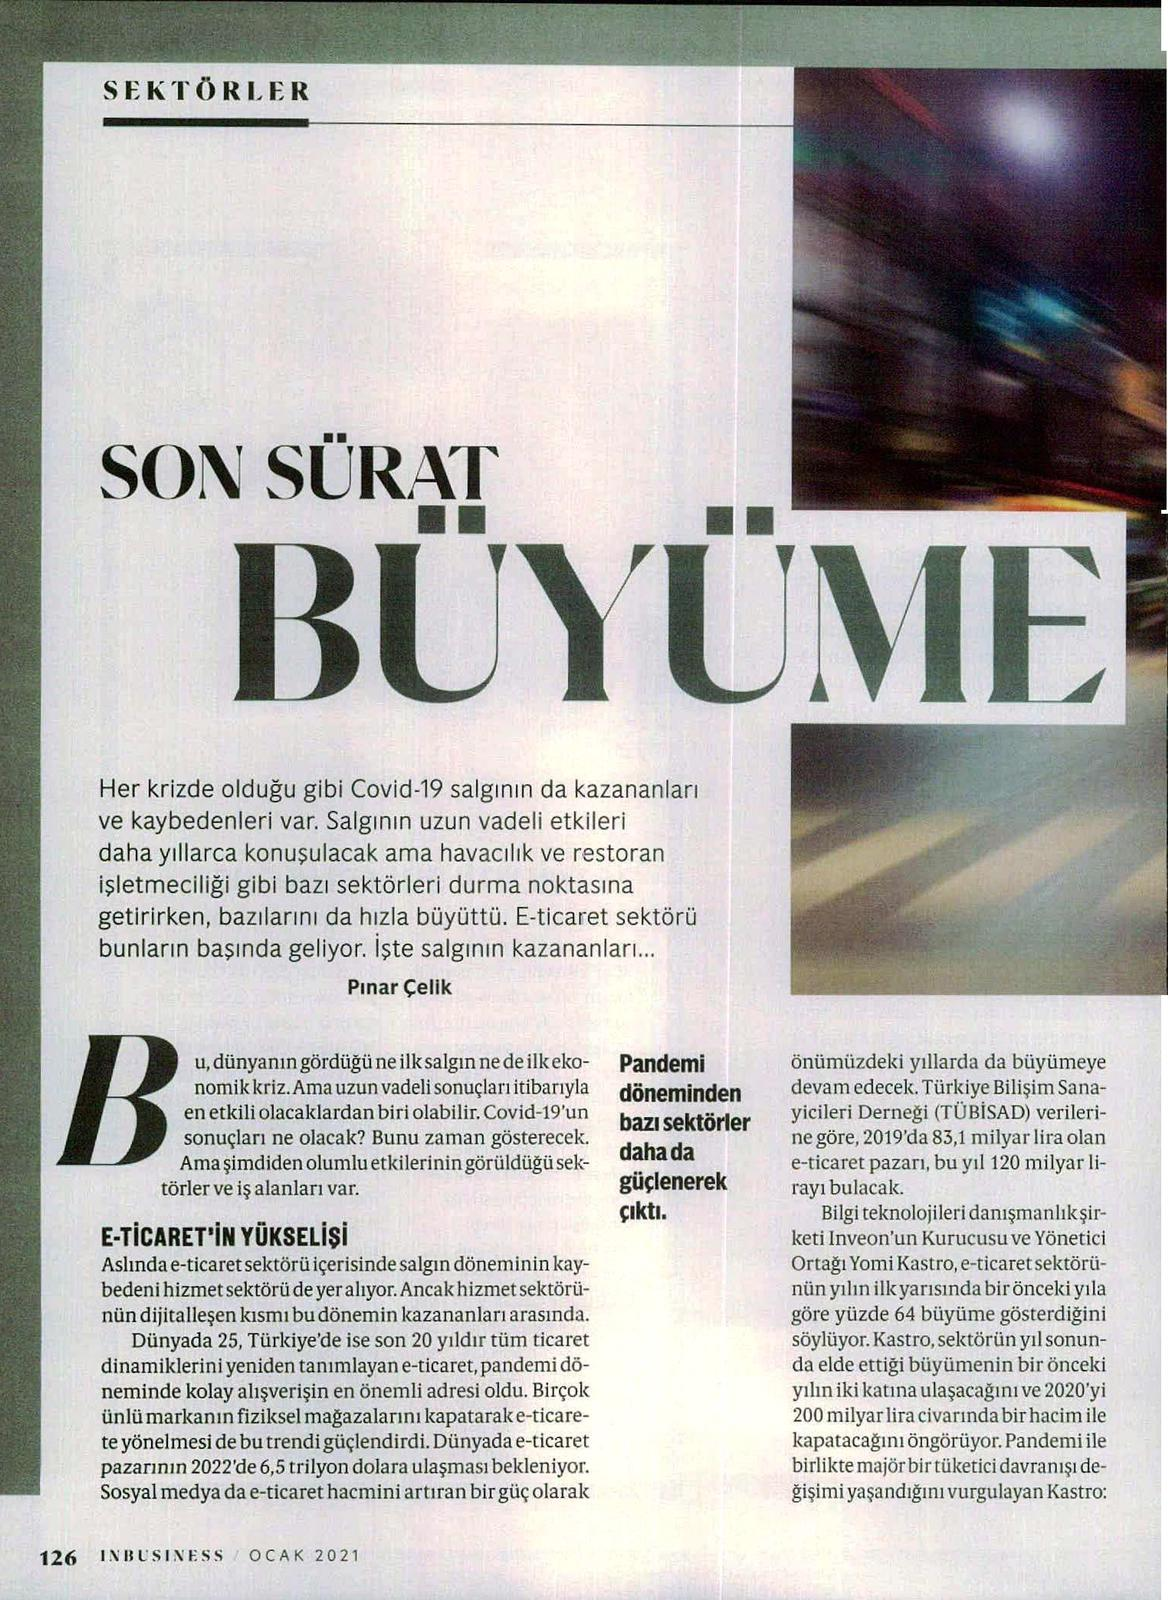 05.01.21 (2)-inbusiness Dergisi